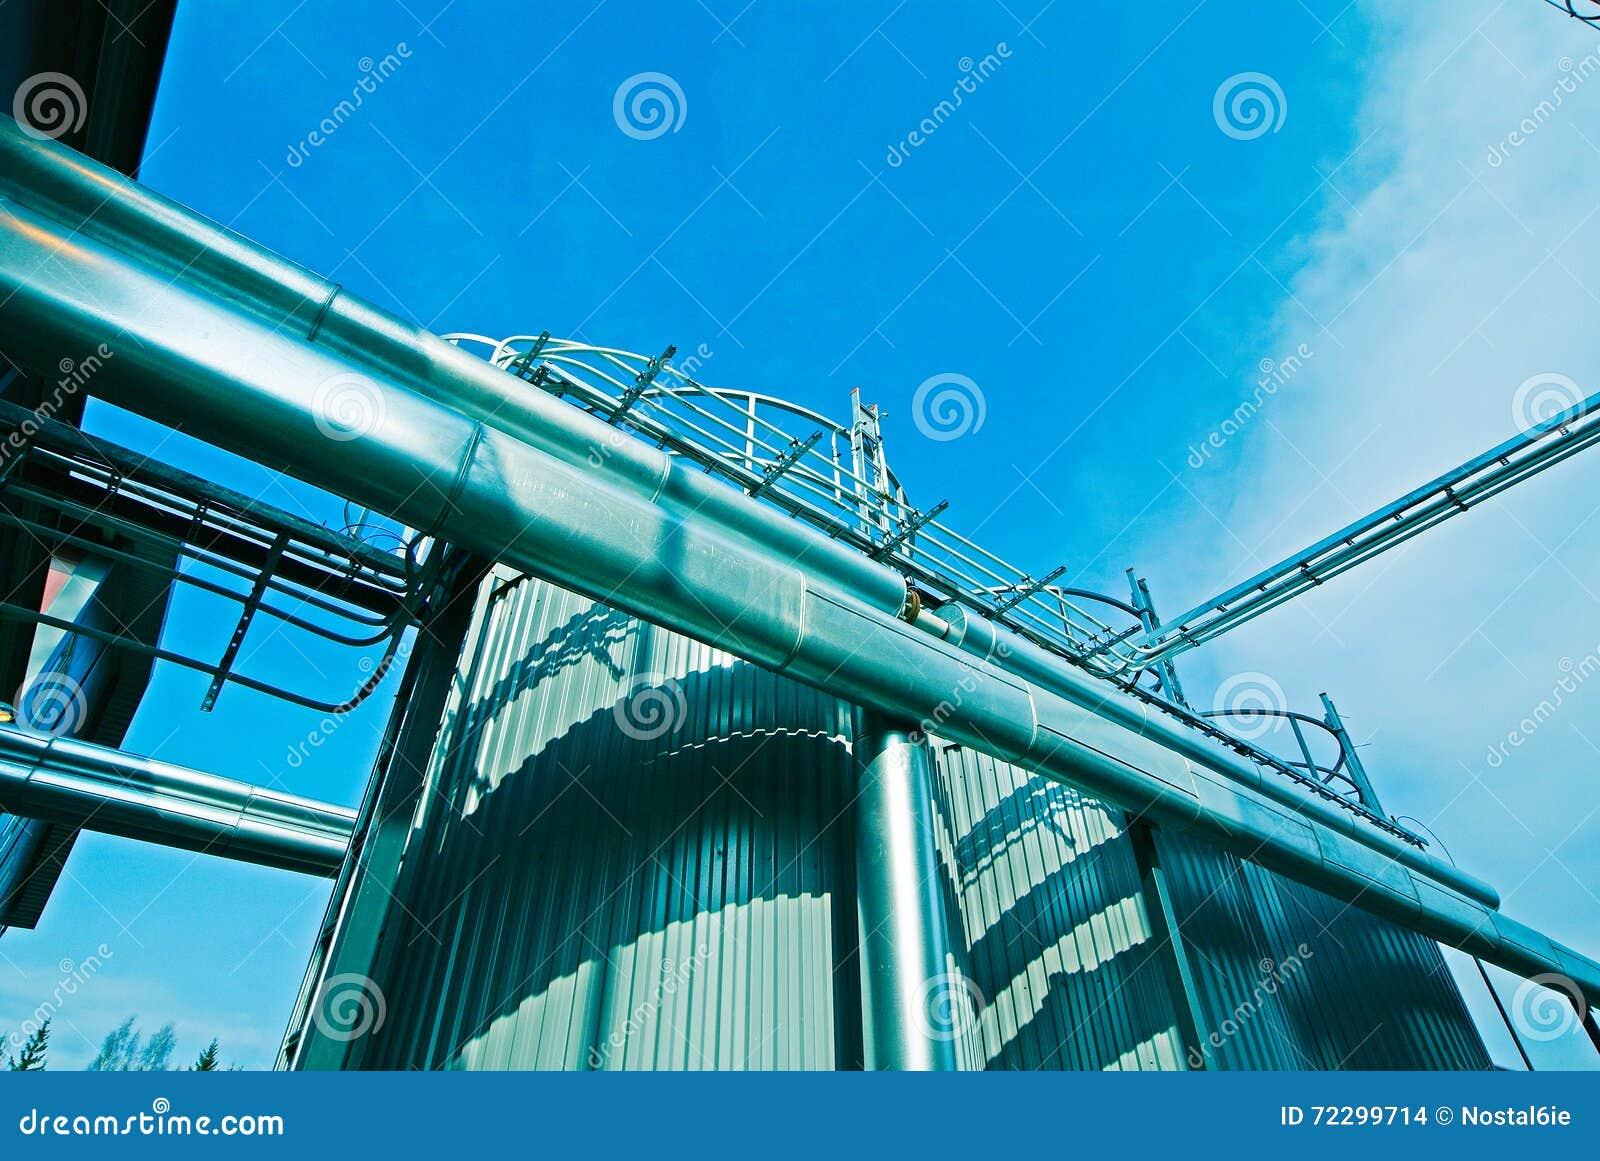 Download Промышленные стальные трубопроводы и клапаны против голубого неба Стоковое Фото - изображение насчитывающей barrette, индустрия: 72299714